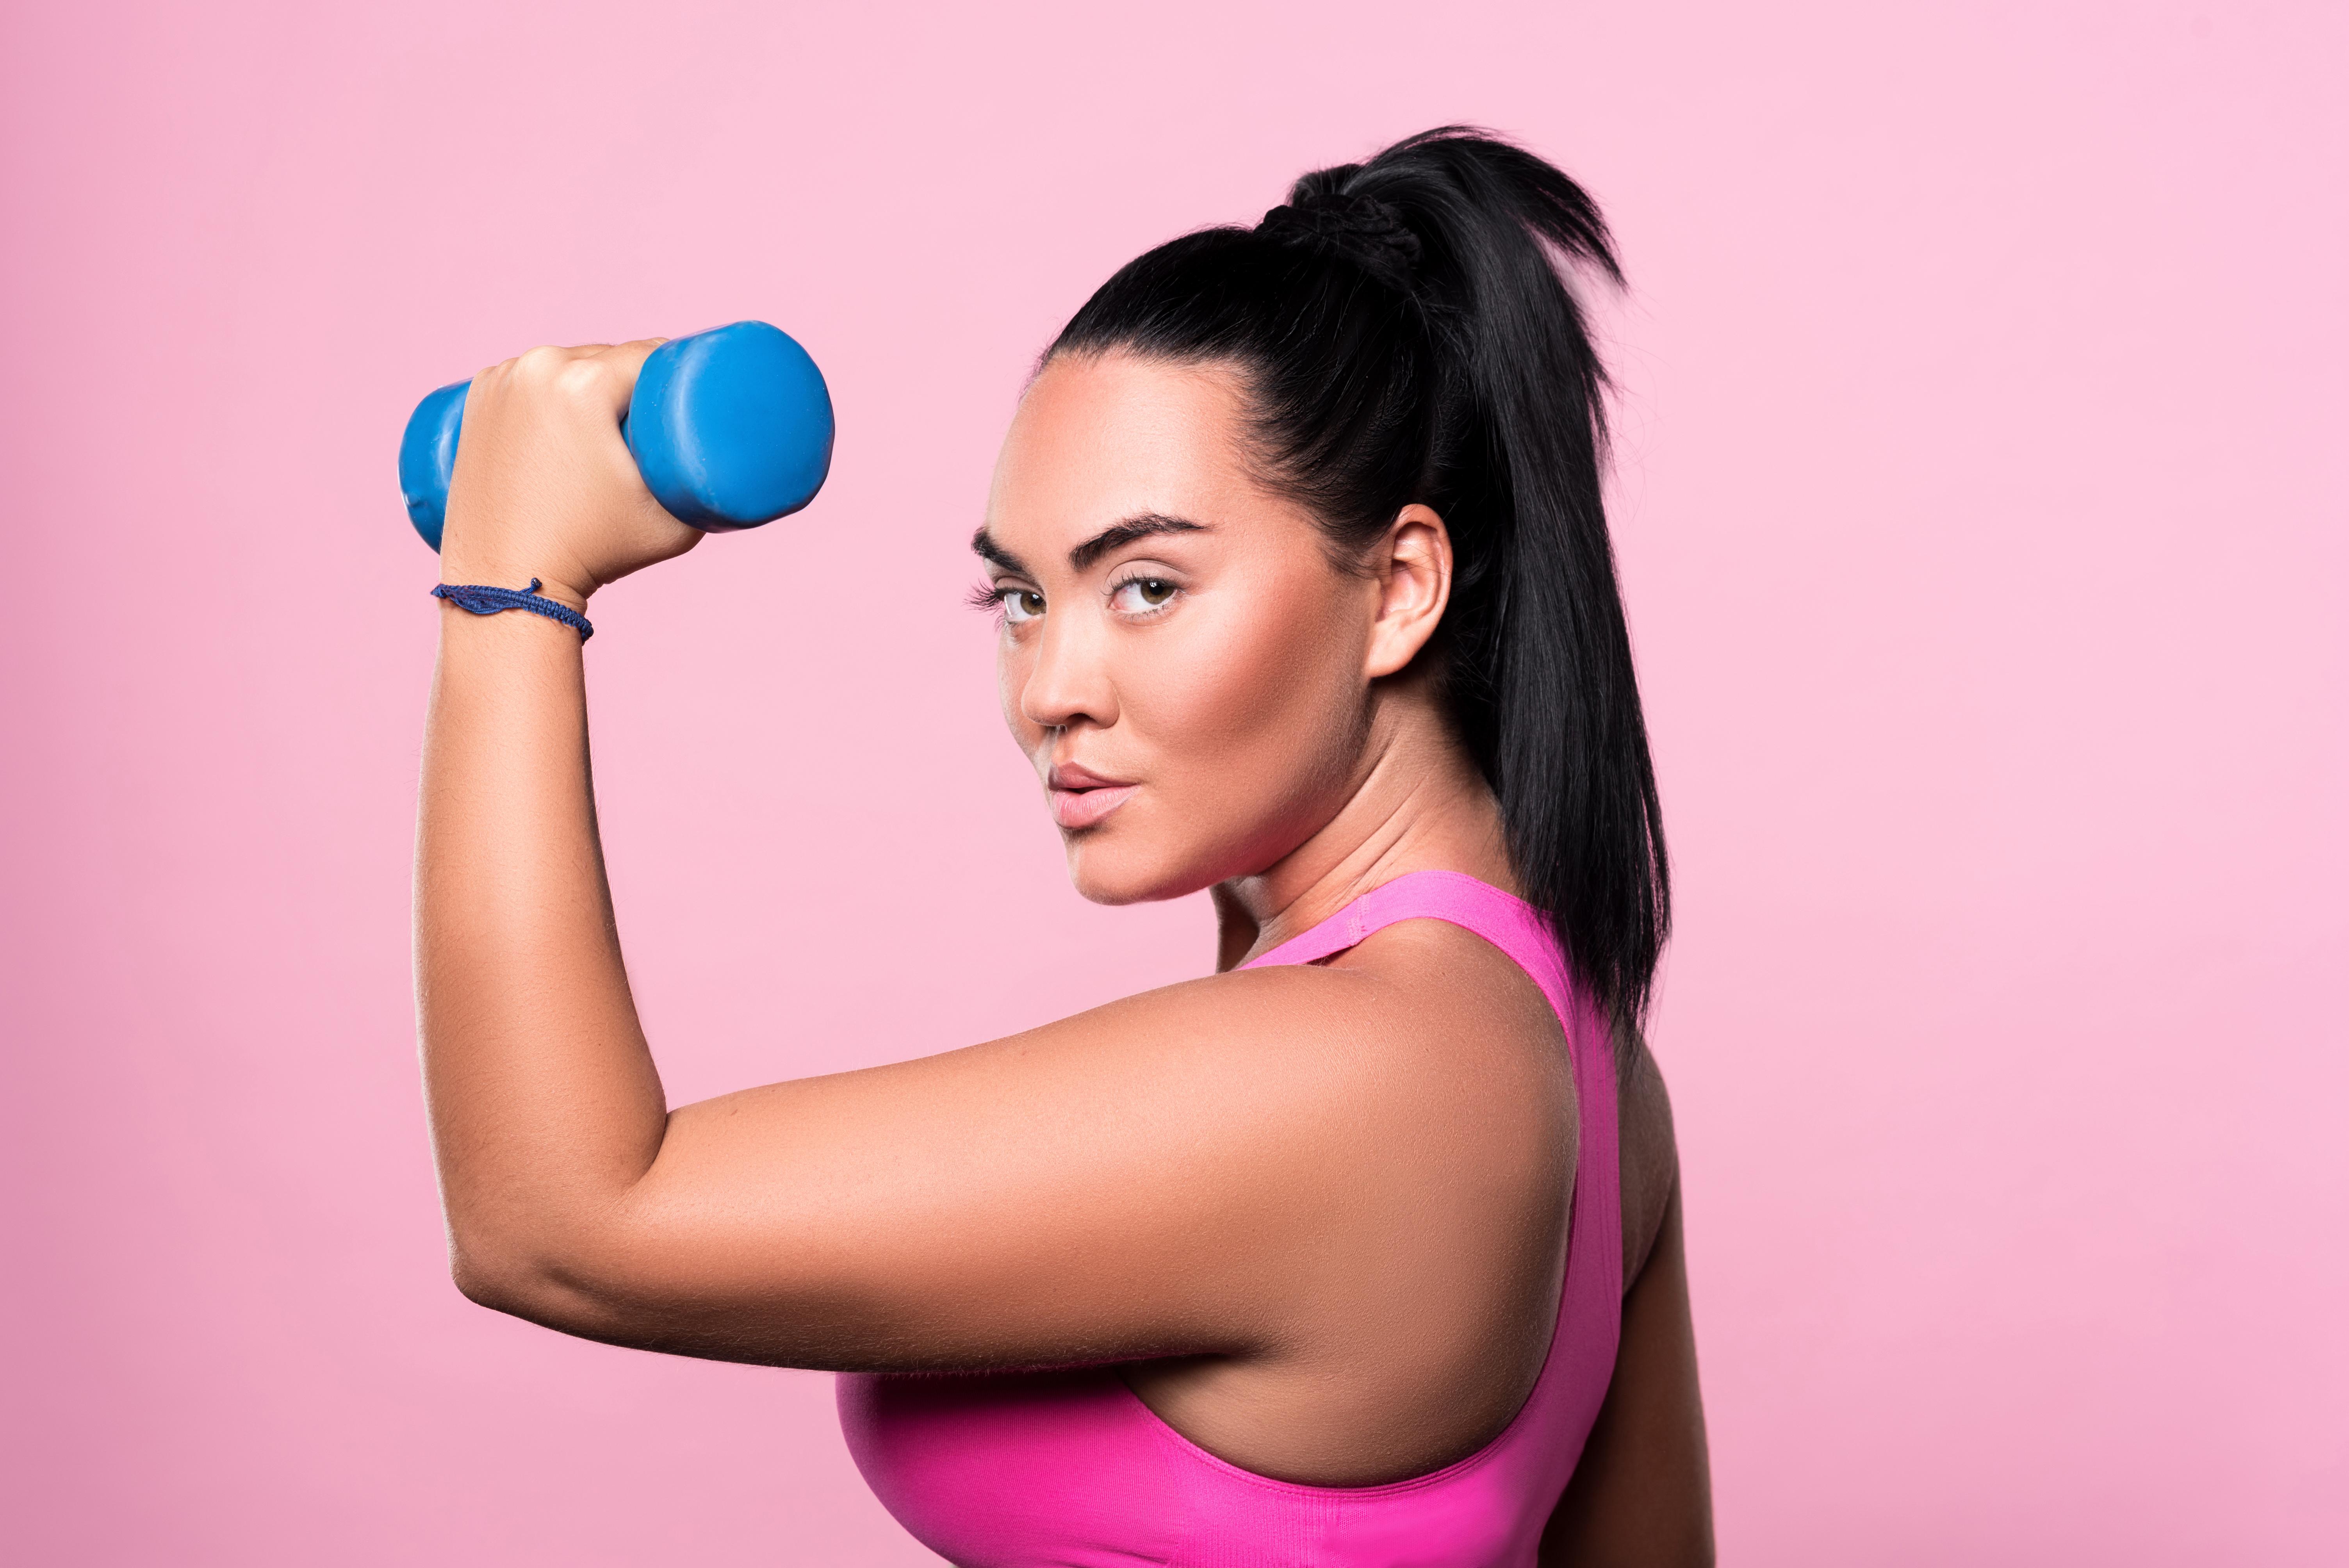 Схуднення залежно від статури: як скинути вагу эндоморфу